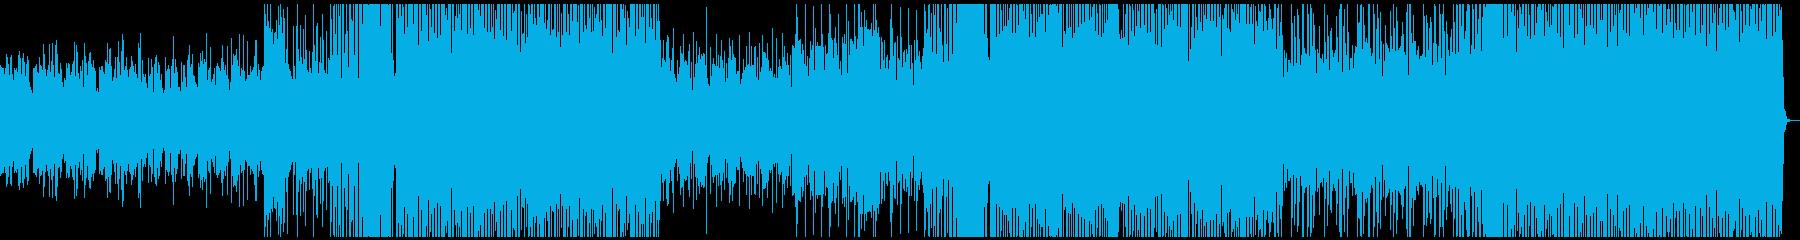 トロピカルハウス チル 洋楽の再生済みの波形